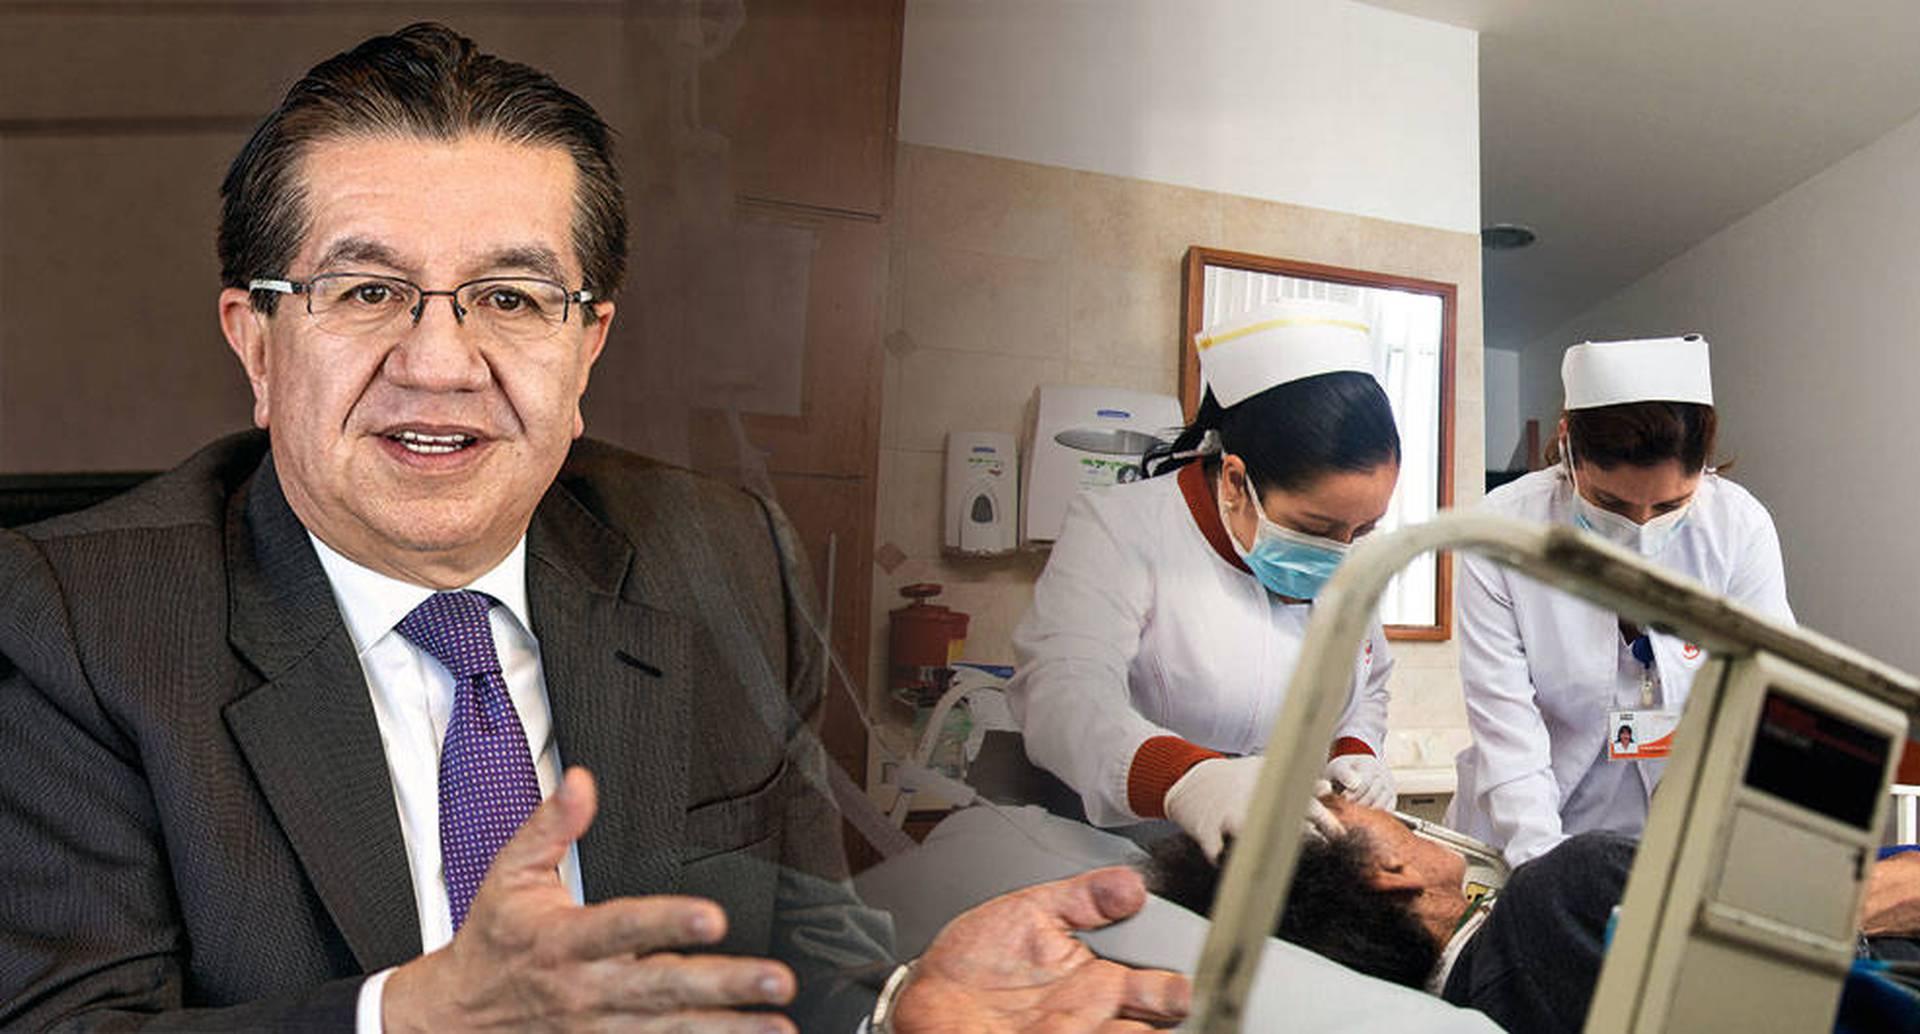 El nuevo ministro de Salud, Fernando Ruiz, es optimista frente a uno de los mayores problemas del sector: el pago de las deudas atrasadas.